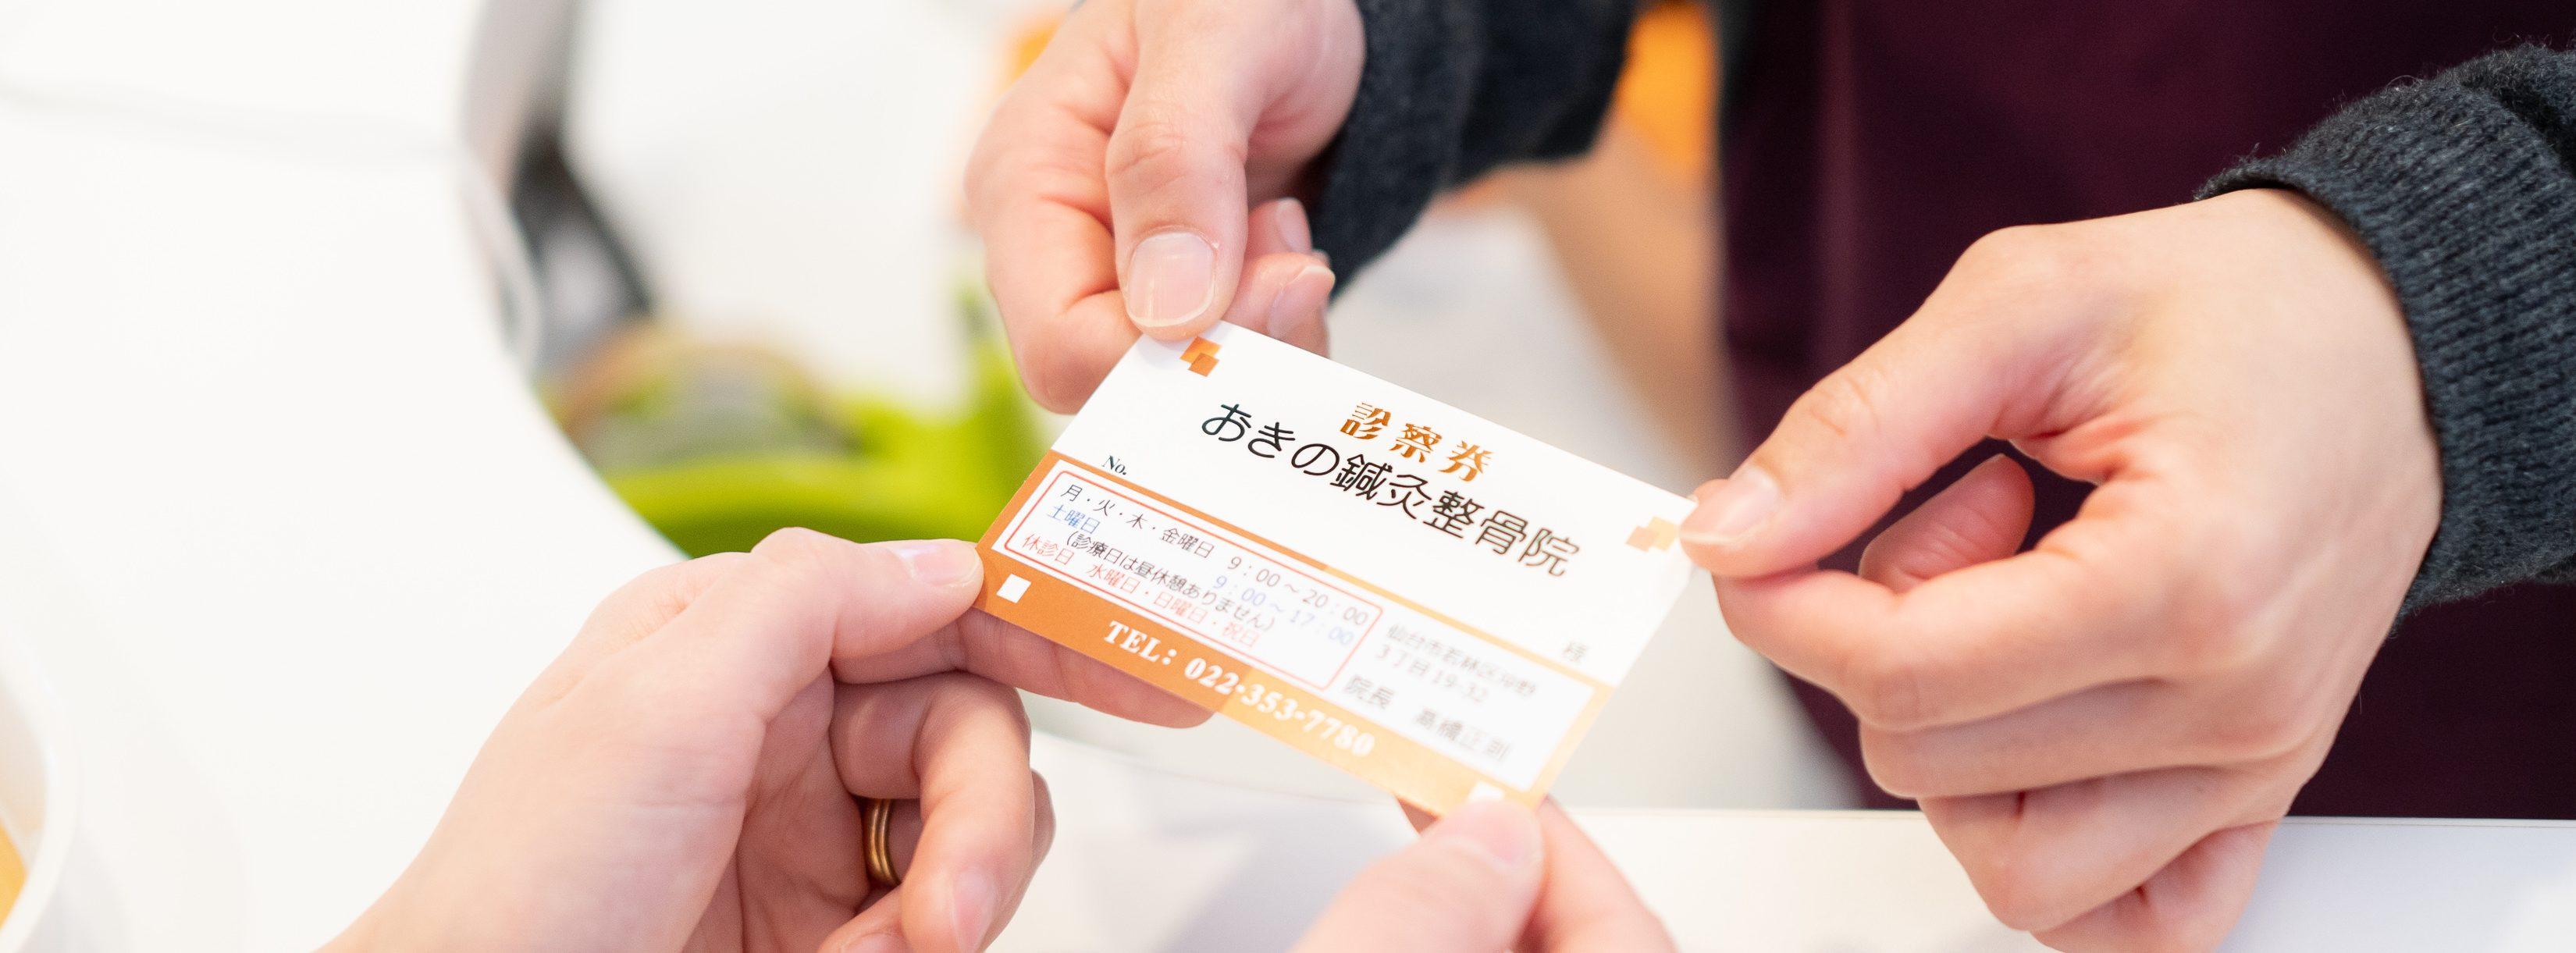 仙台市若林区の鍼灸院は、おきの鍼灸整骨院へ